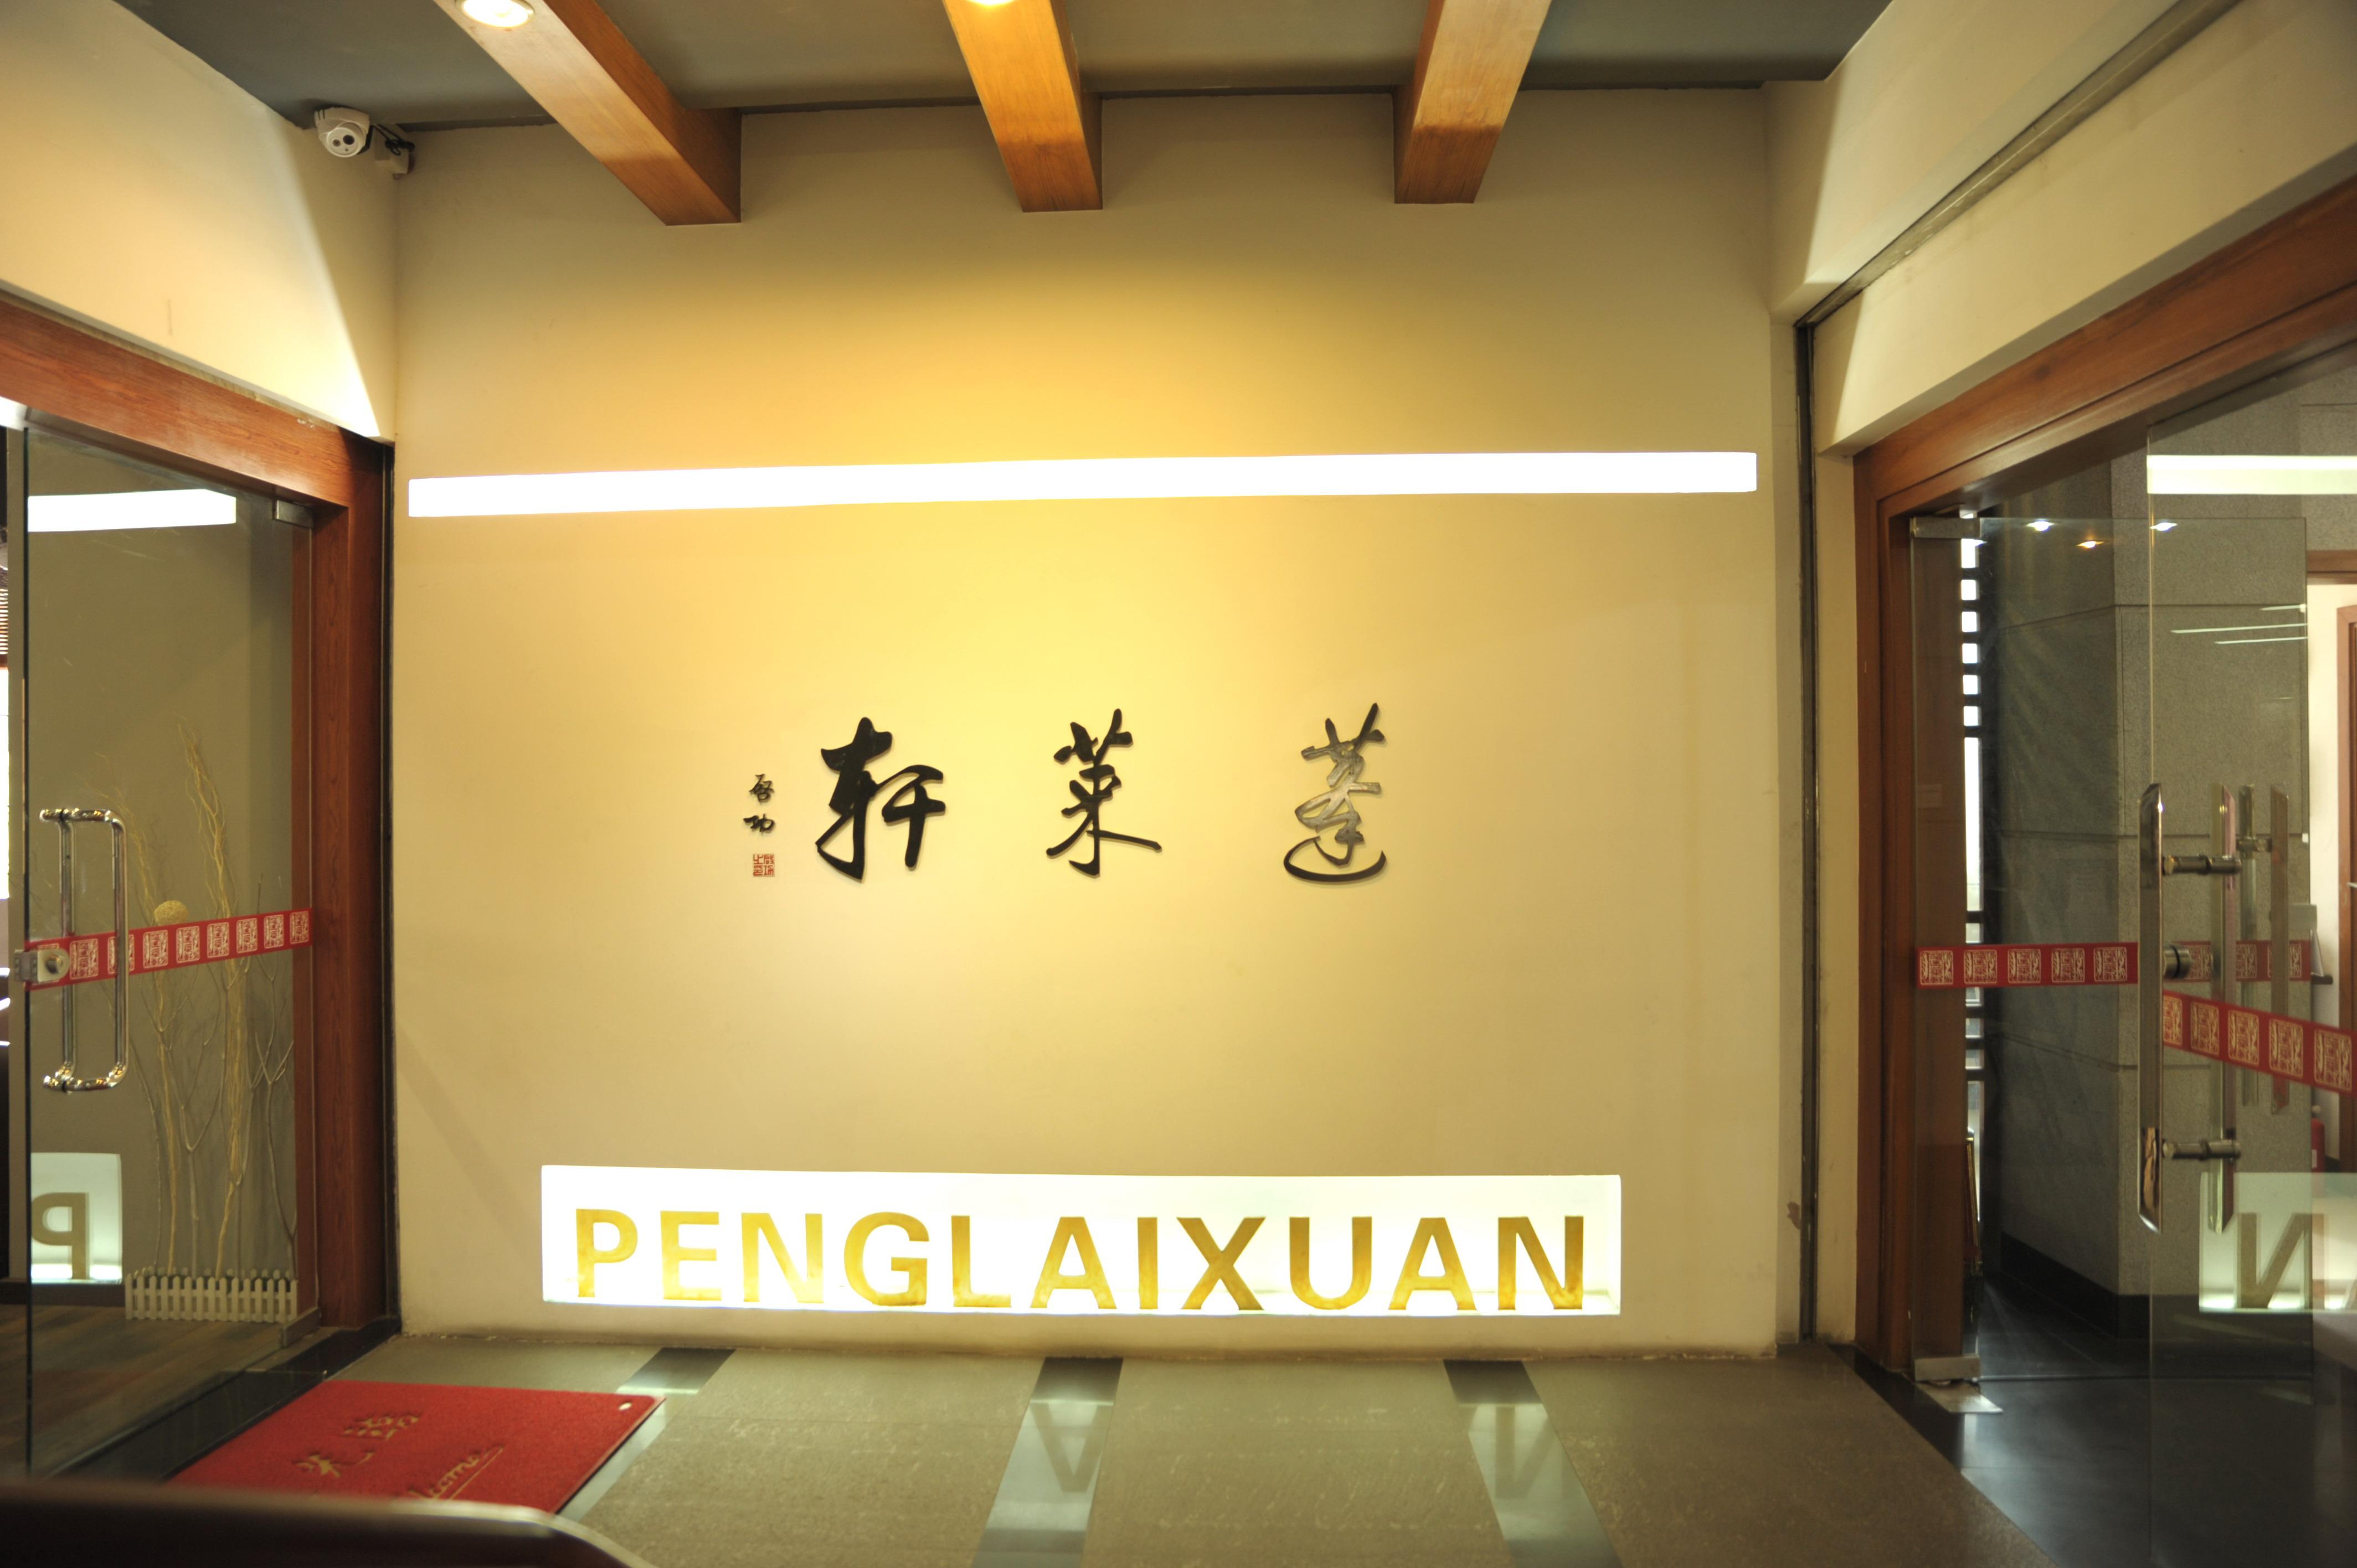 江门市蓬莱轩艺术馆_才通国际人才网_job001.cn